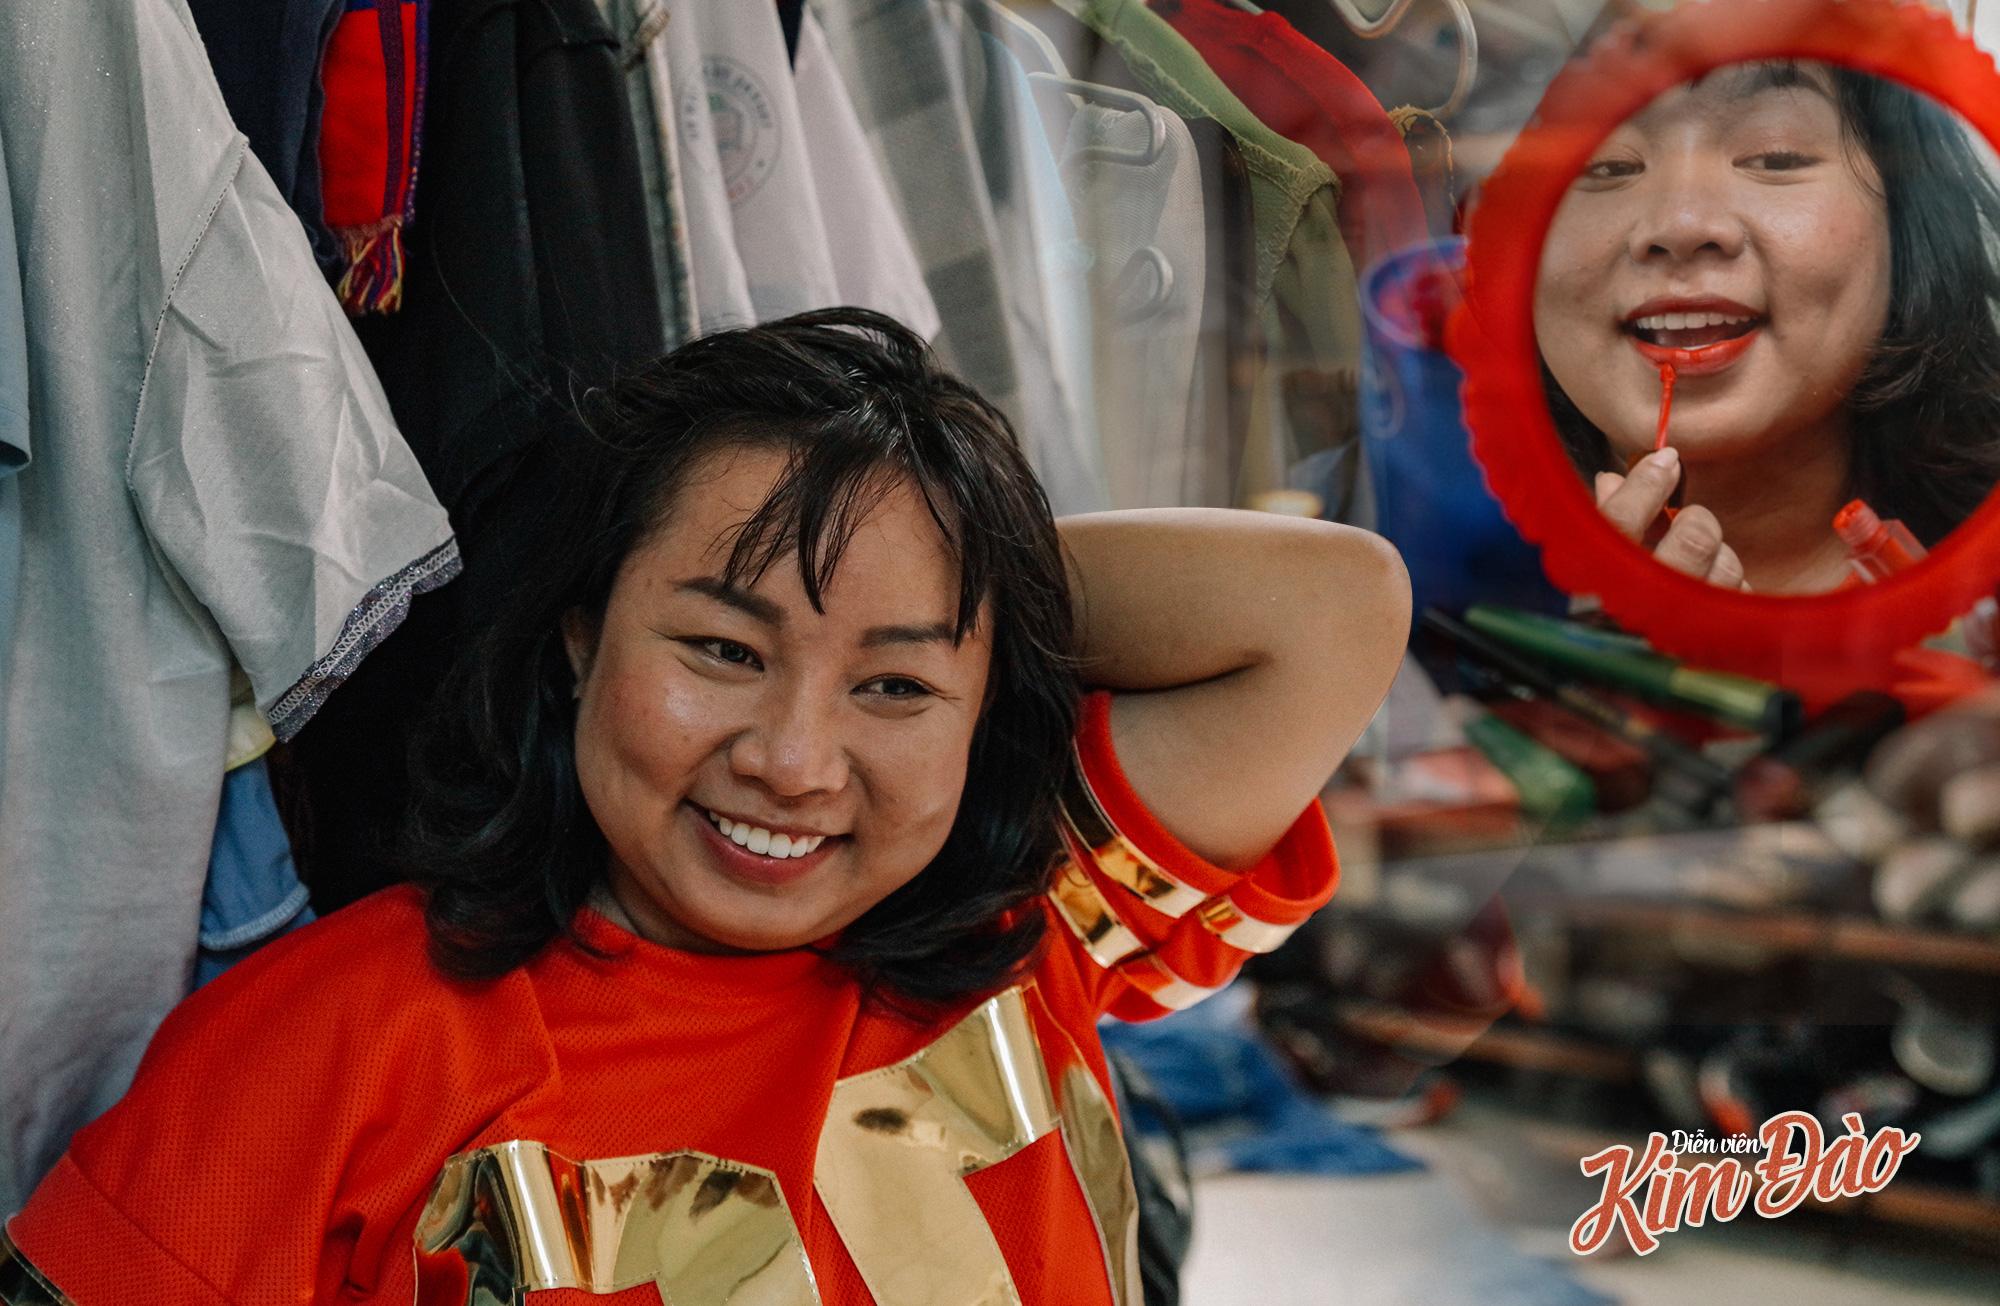 Diễn viên Kim Đào: Mẹ bị hành hạ, phải sinh con ở chuồng heo vì bà nội bảo không hợp tuổi - Ảnh 14.